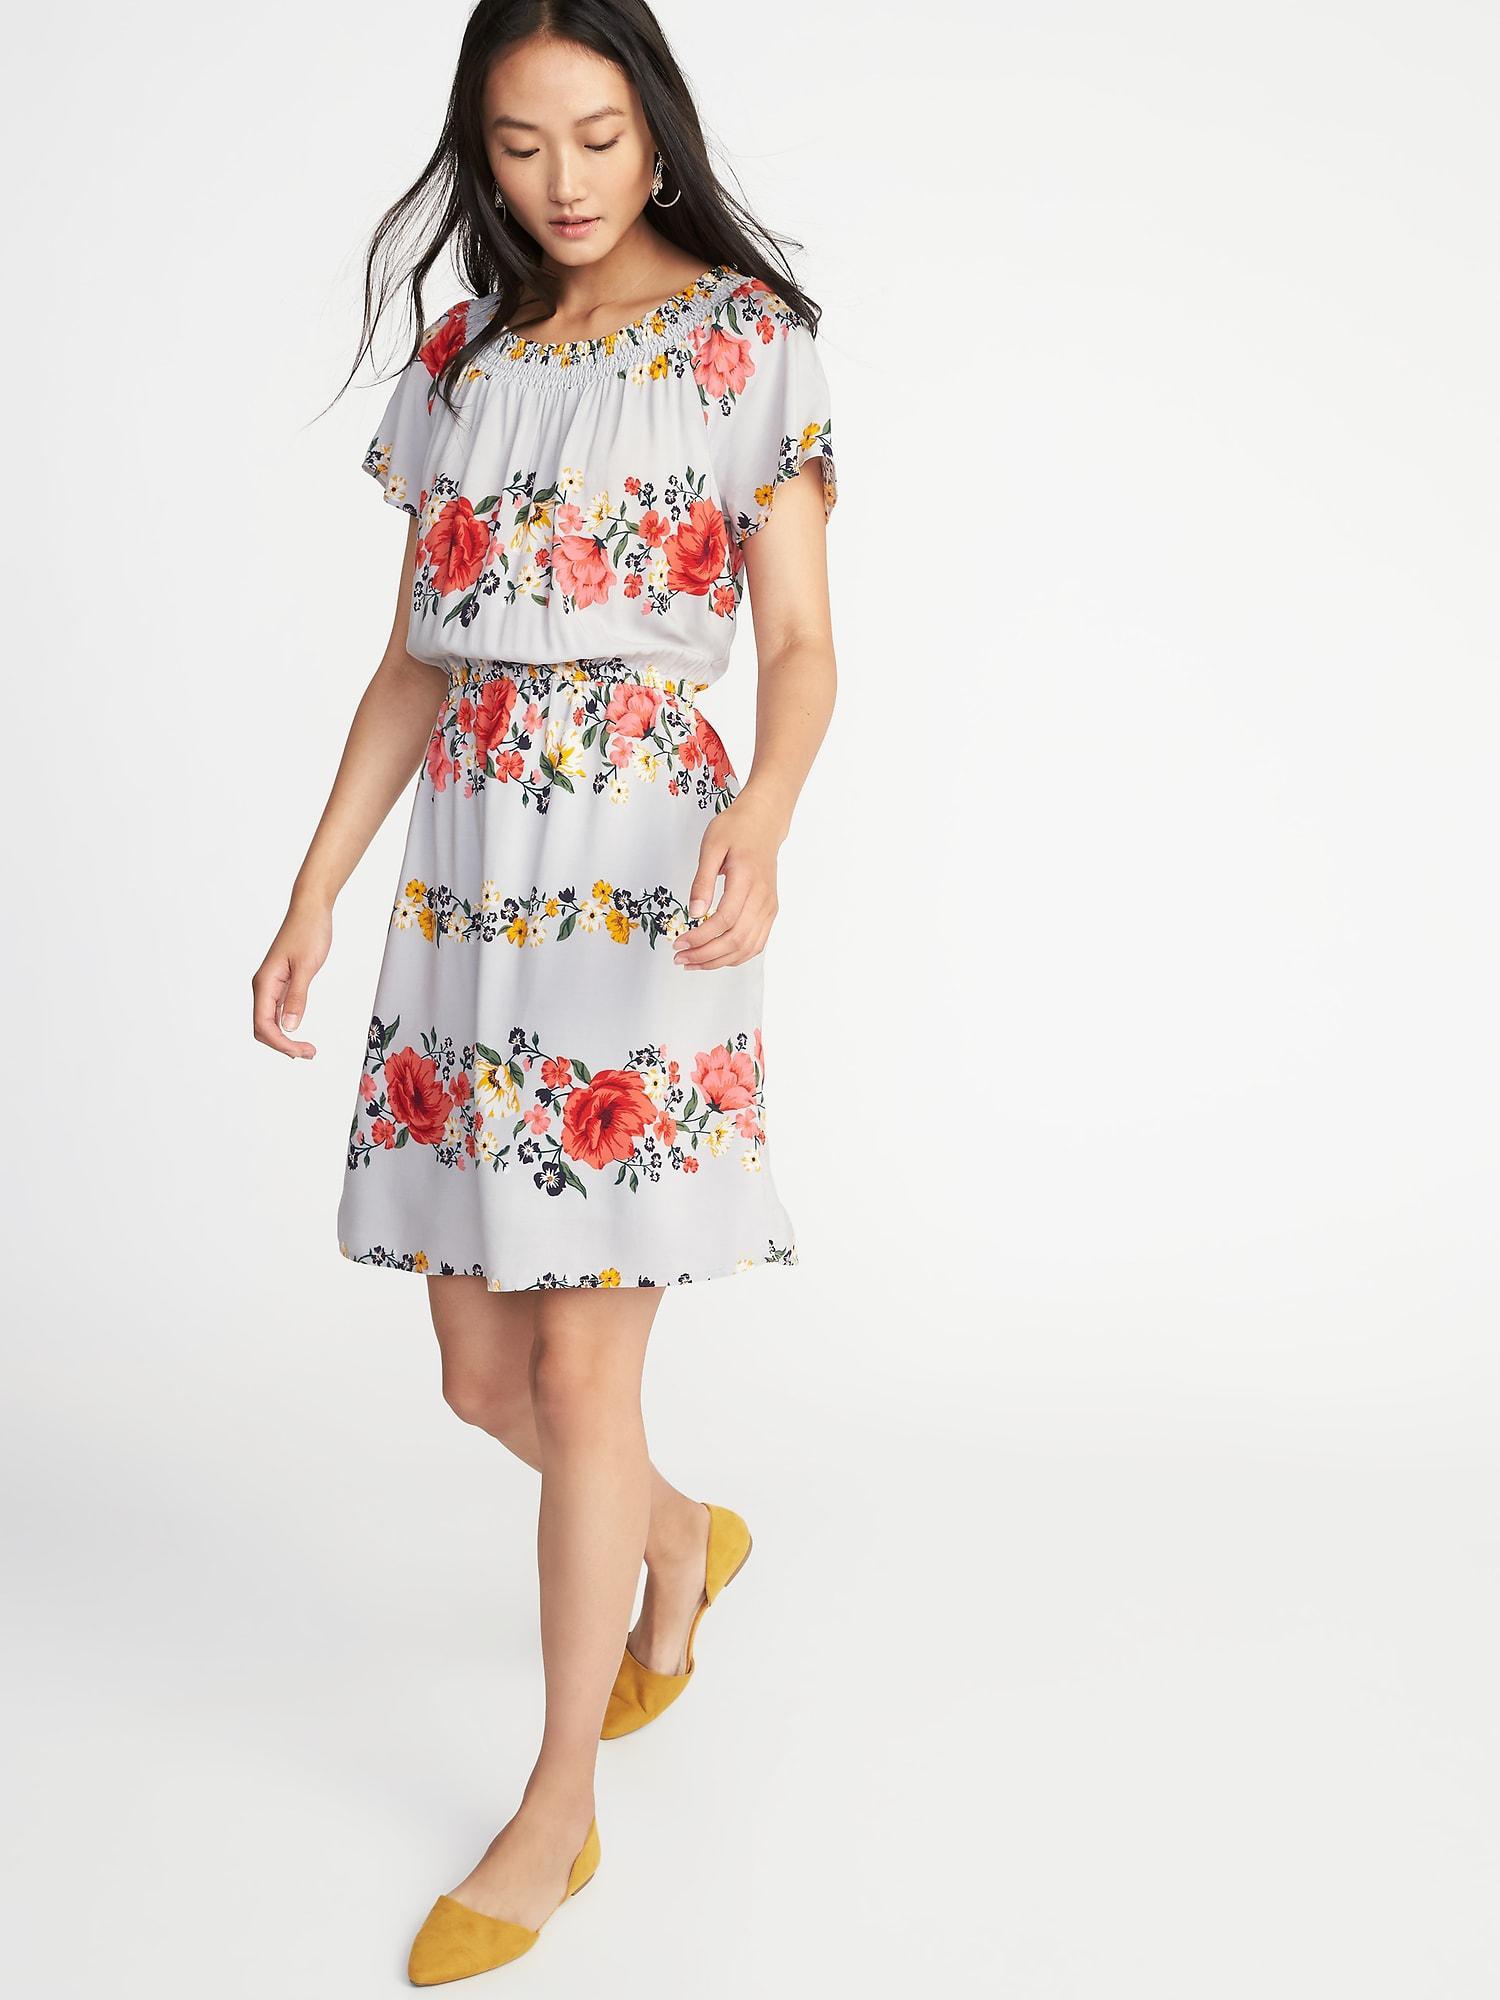 5626e44d8fa90 ... store floral maxi dress old navy 8dfca d668d